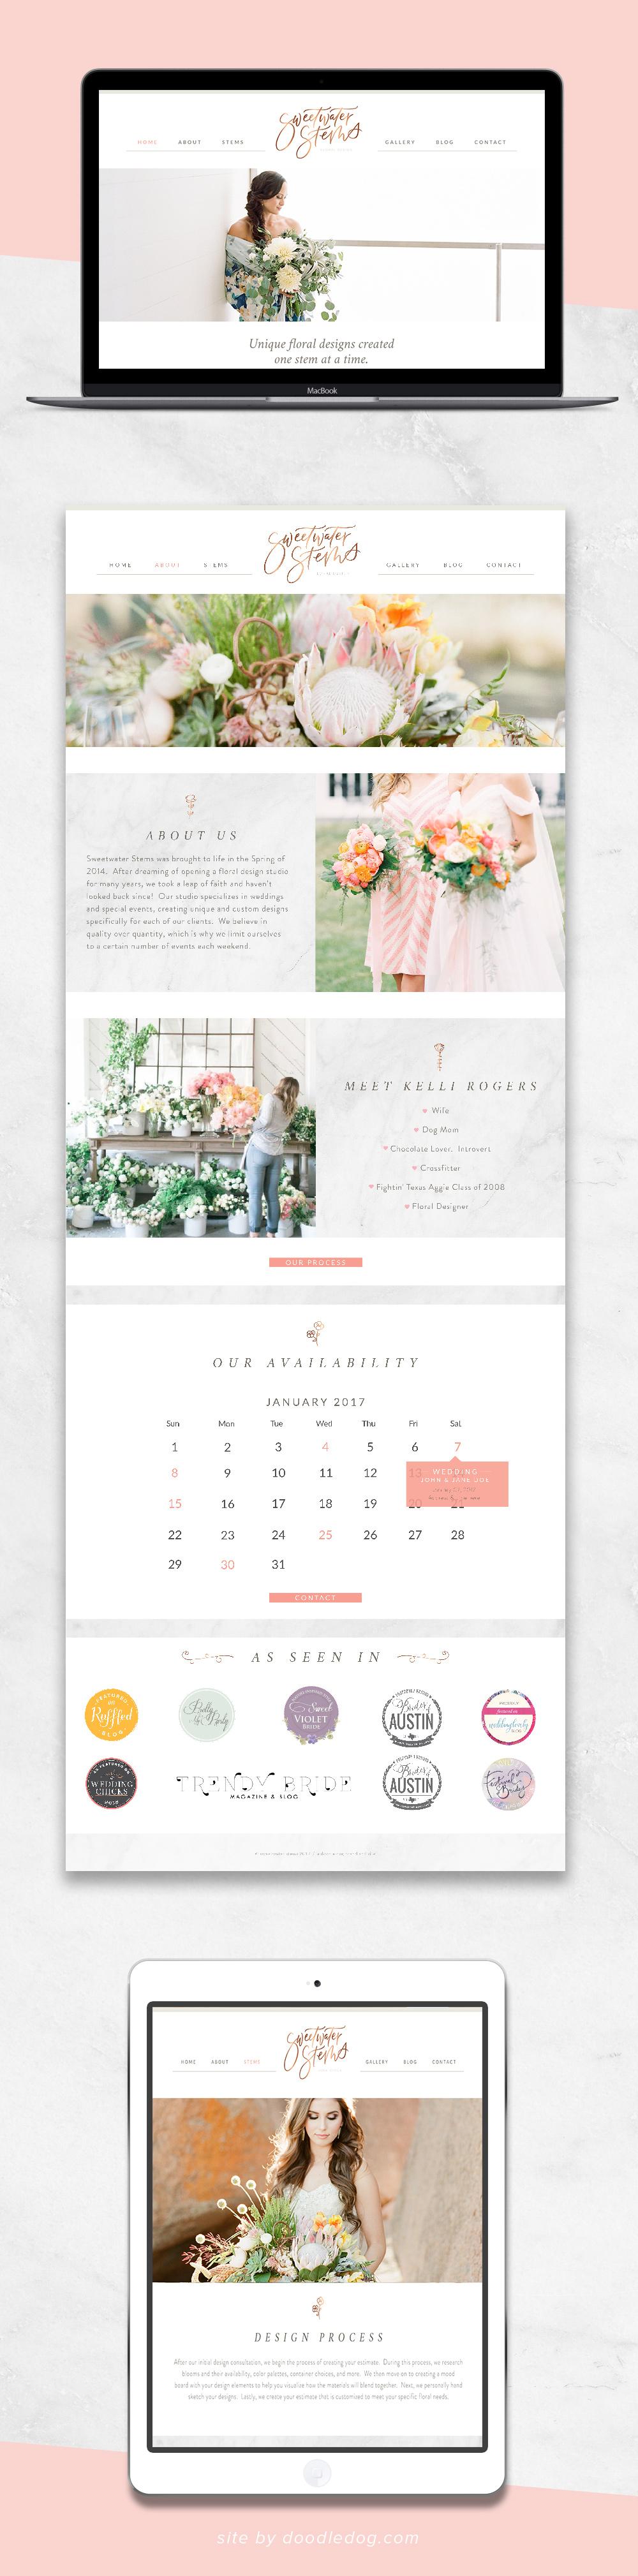 website design for florist